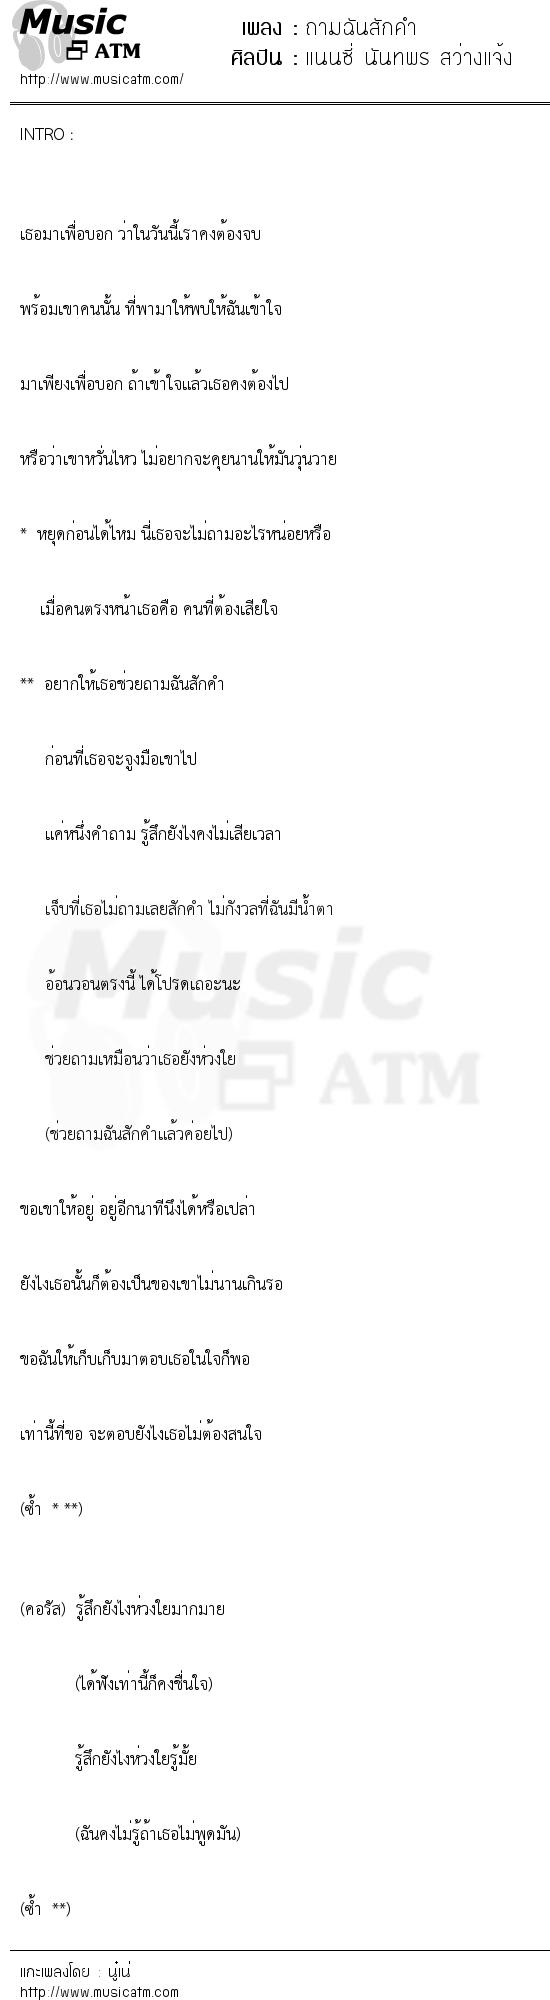 ถามฉันสักคำ | เพลงไทย